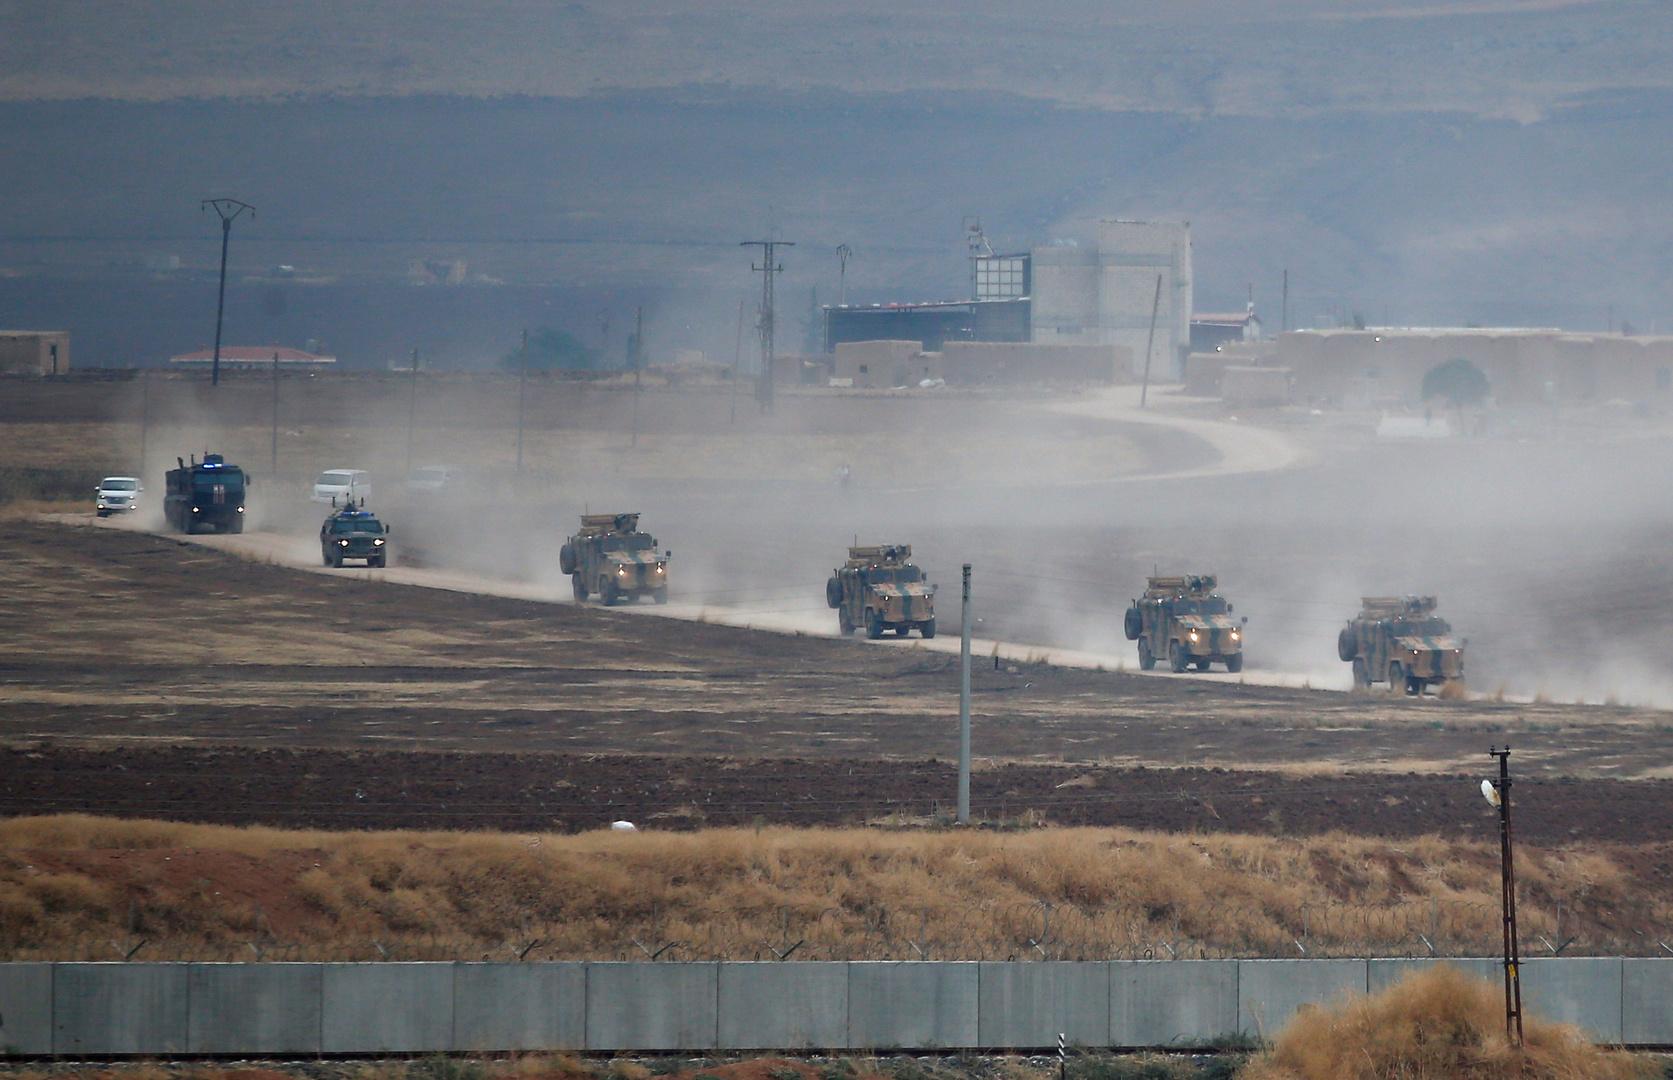 الخارجية التركية: تم استدعاء السفير الروسي في أنقرة على خلفية الوضع في إدلب